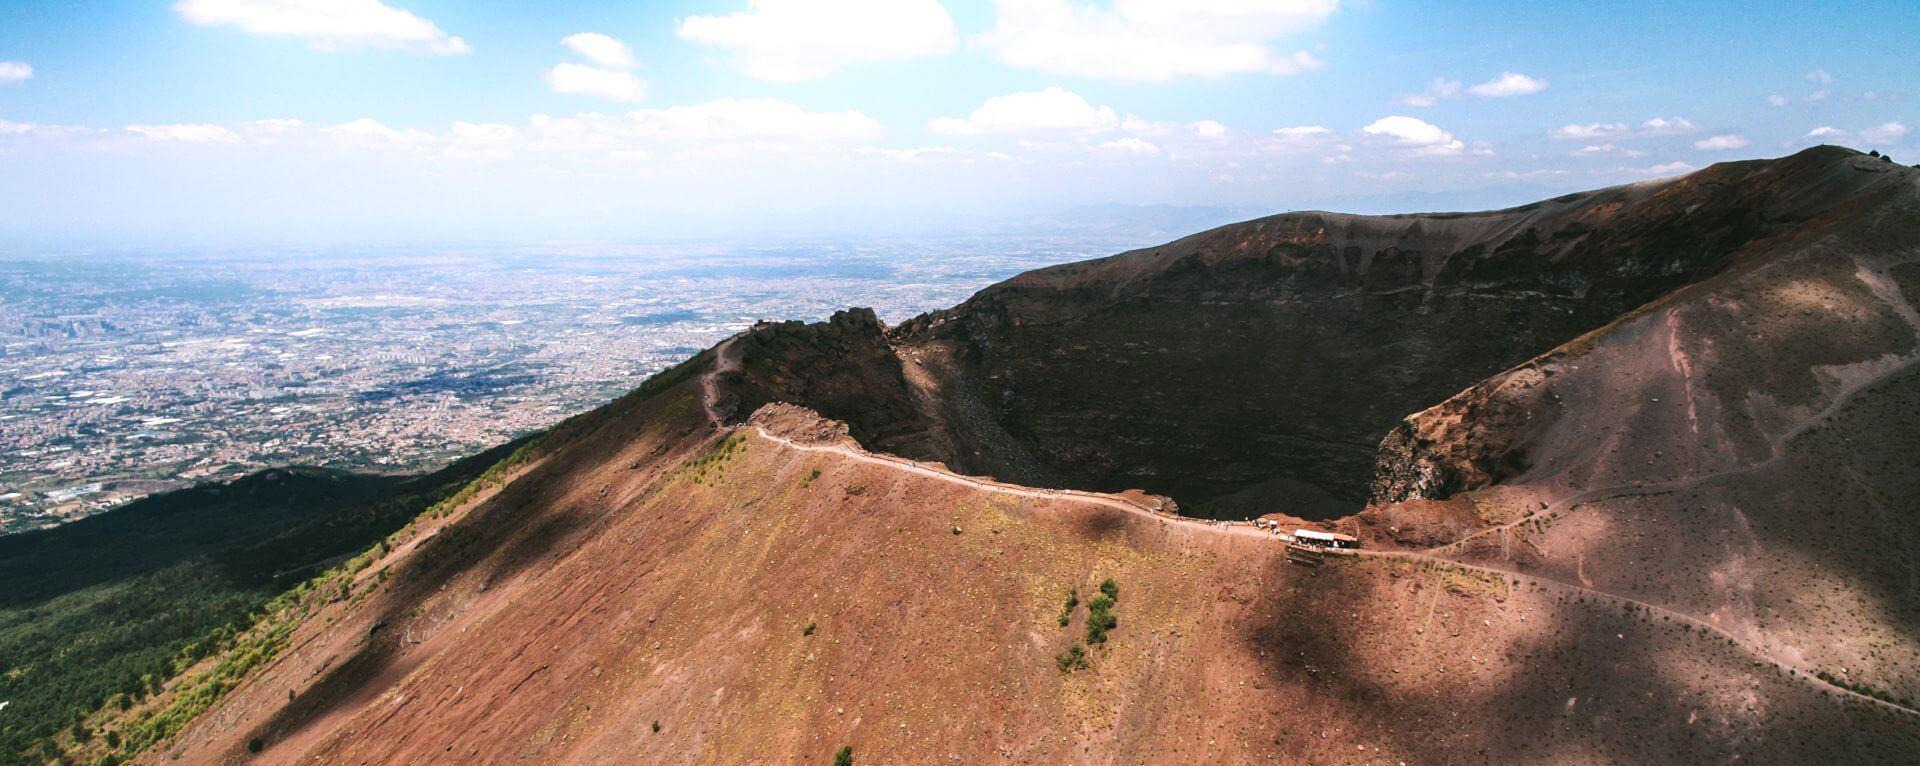 Cratere del Vesuvio visto dall'alto